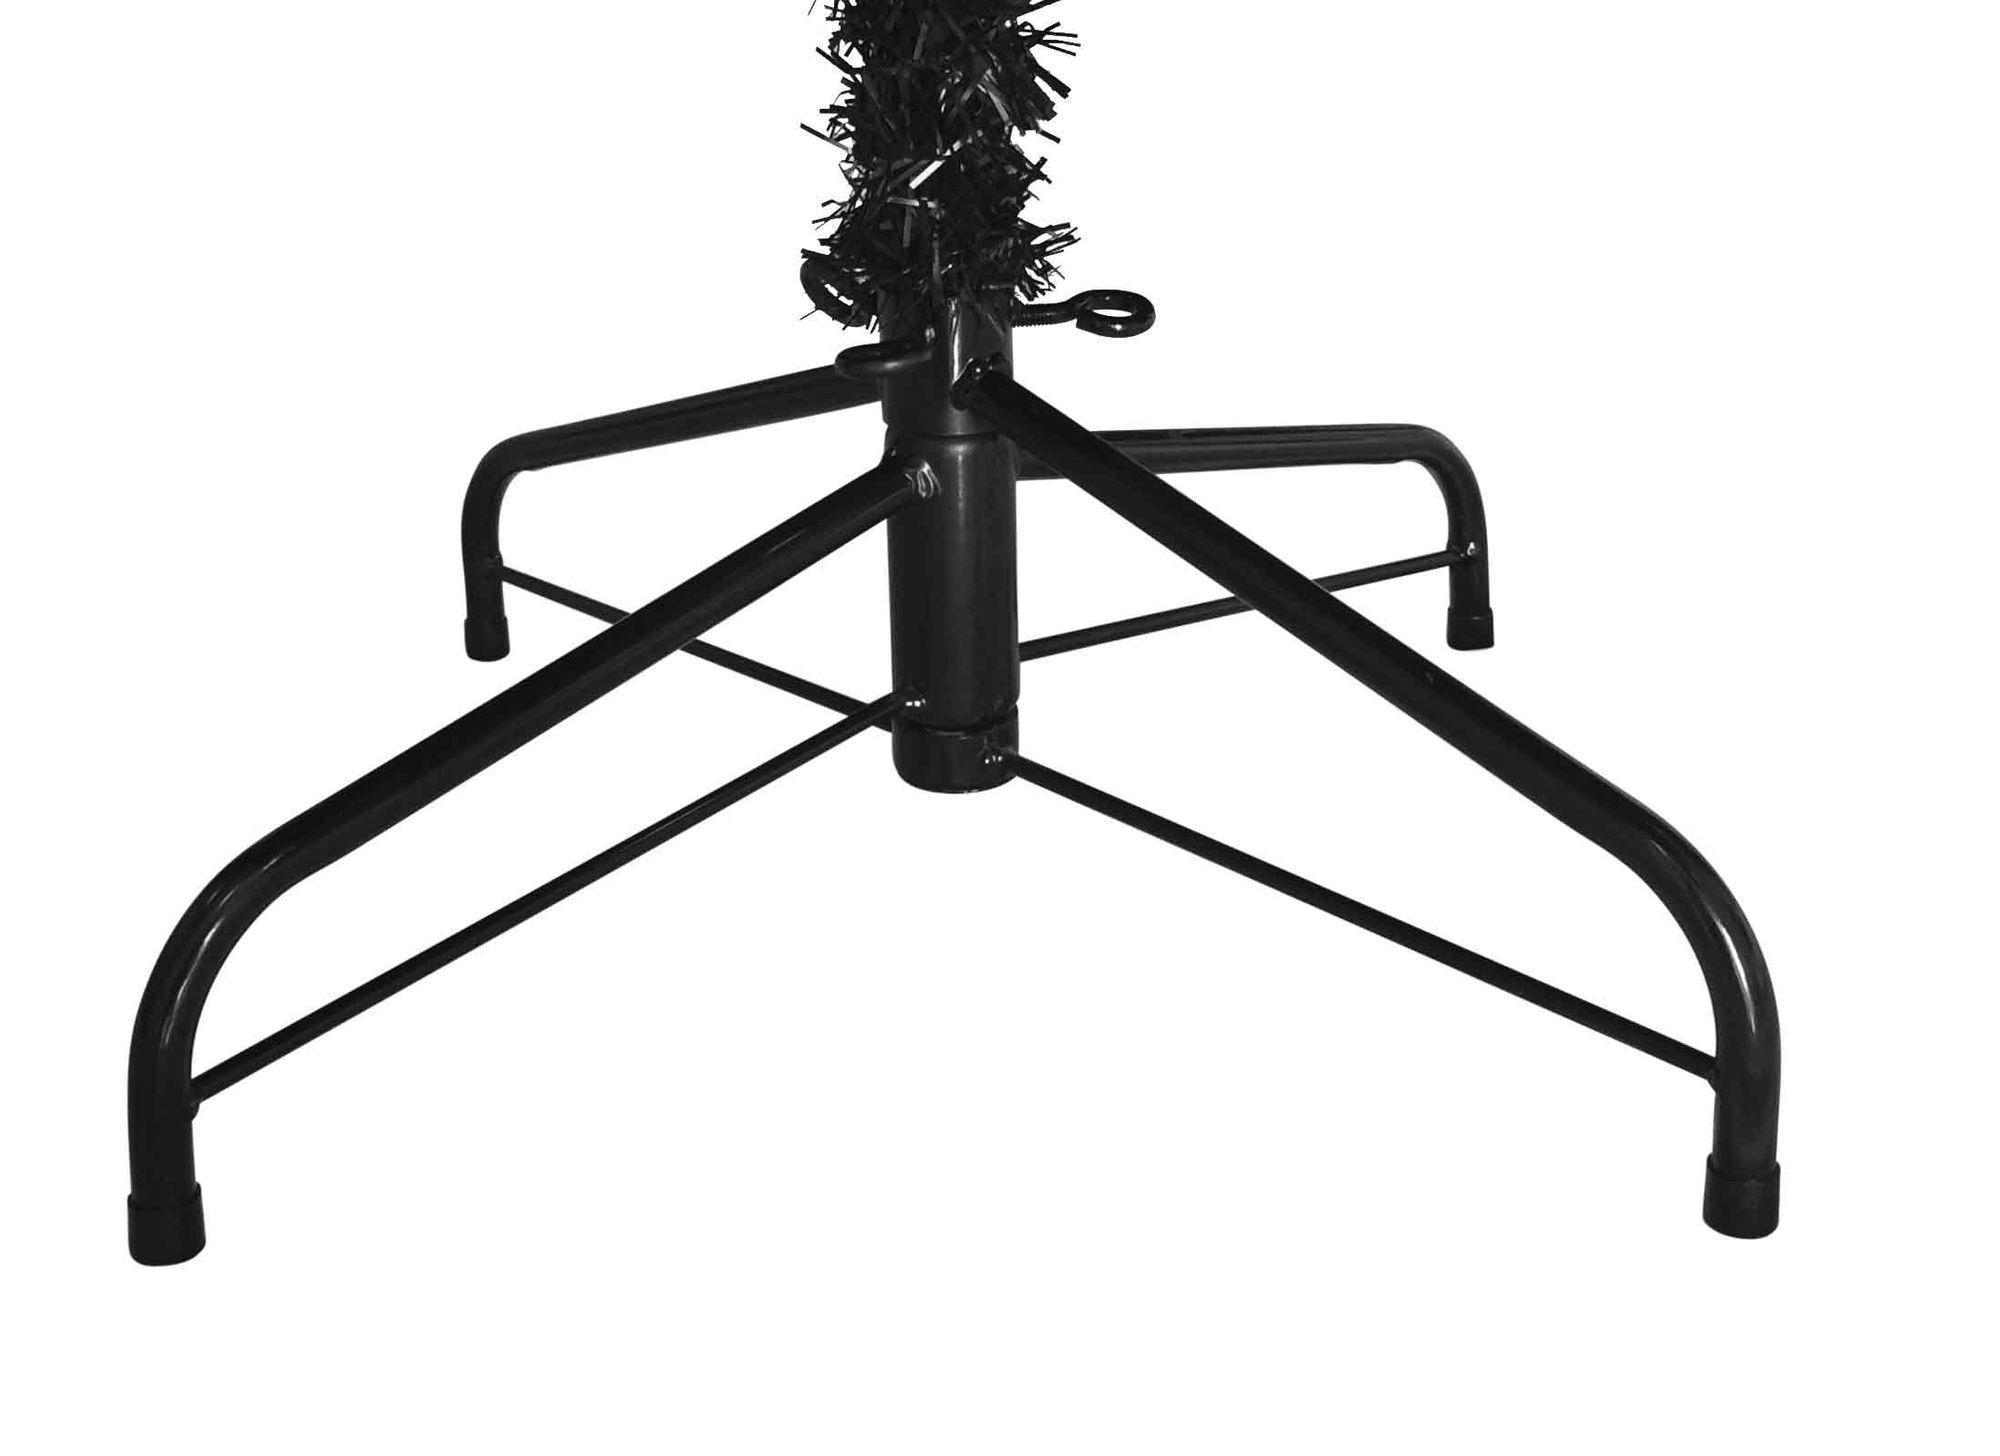 schwarzer 120 cm k nstlicher weihnachtsbaum christbaum tannenbaum metallst nder k nstliche. Black Bedroom Furniture Sets. Home Design Ideas